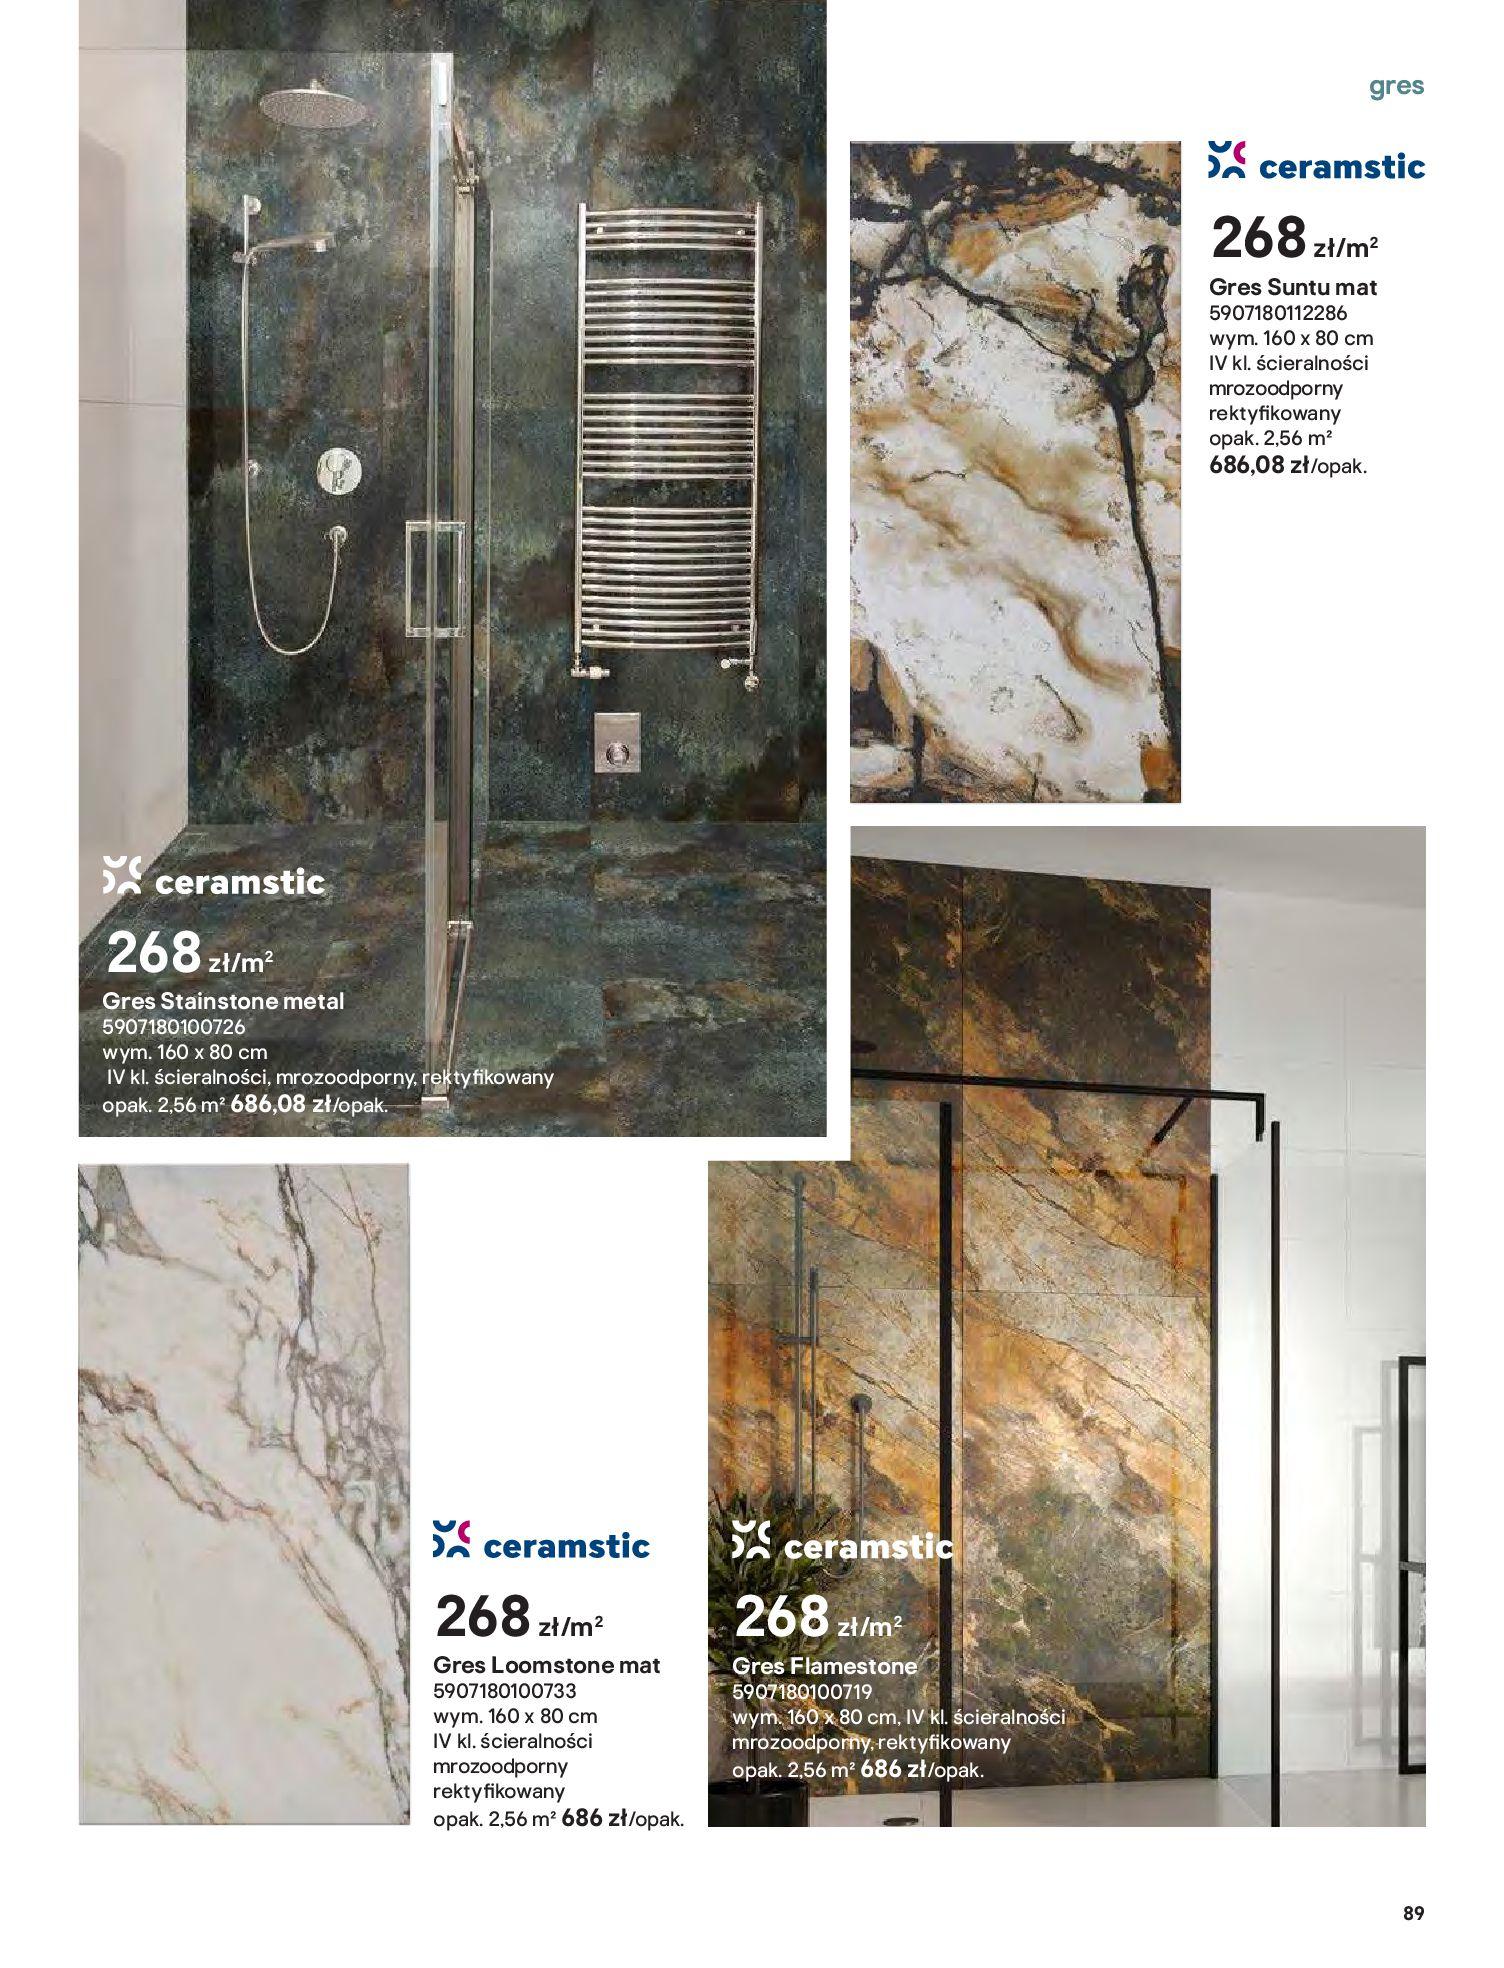 Gazetka Castorama: Gazetka Castorama - Przewodnik drzwi i podłogi 2021 2021-08-11 page-89